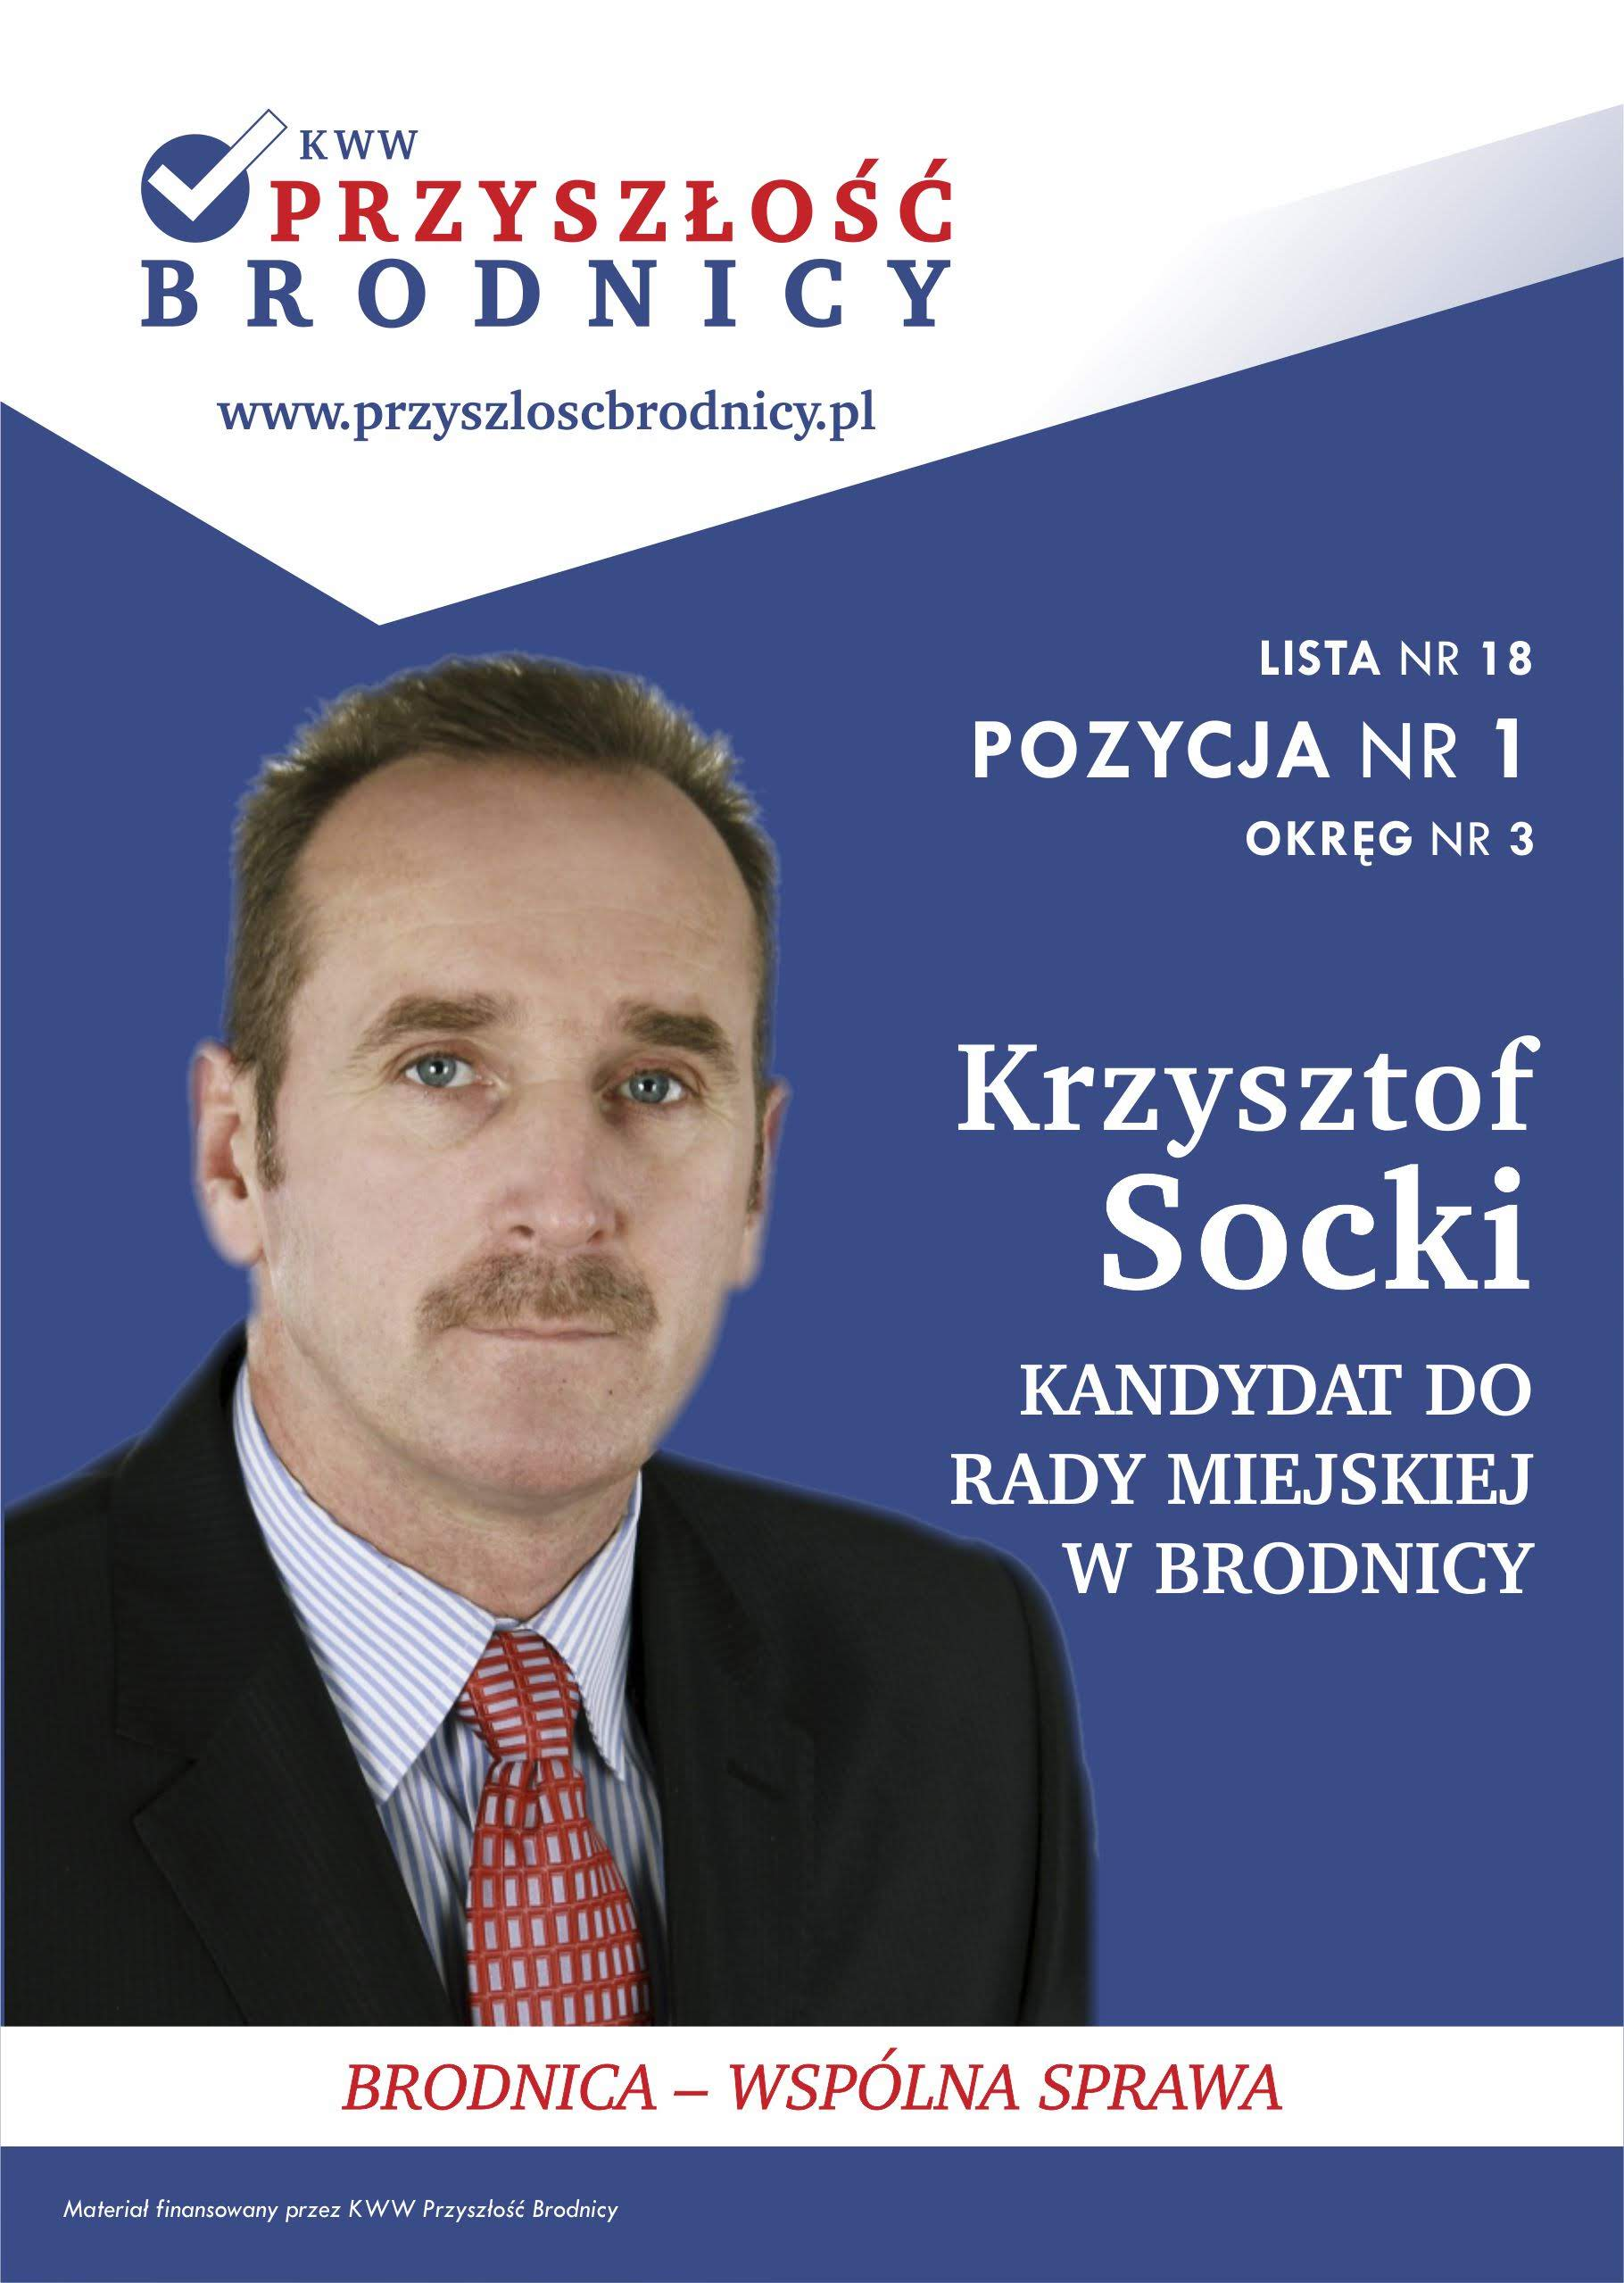 Krzysztof Socki